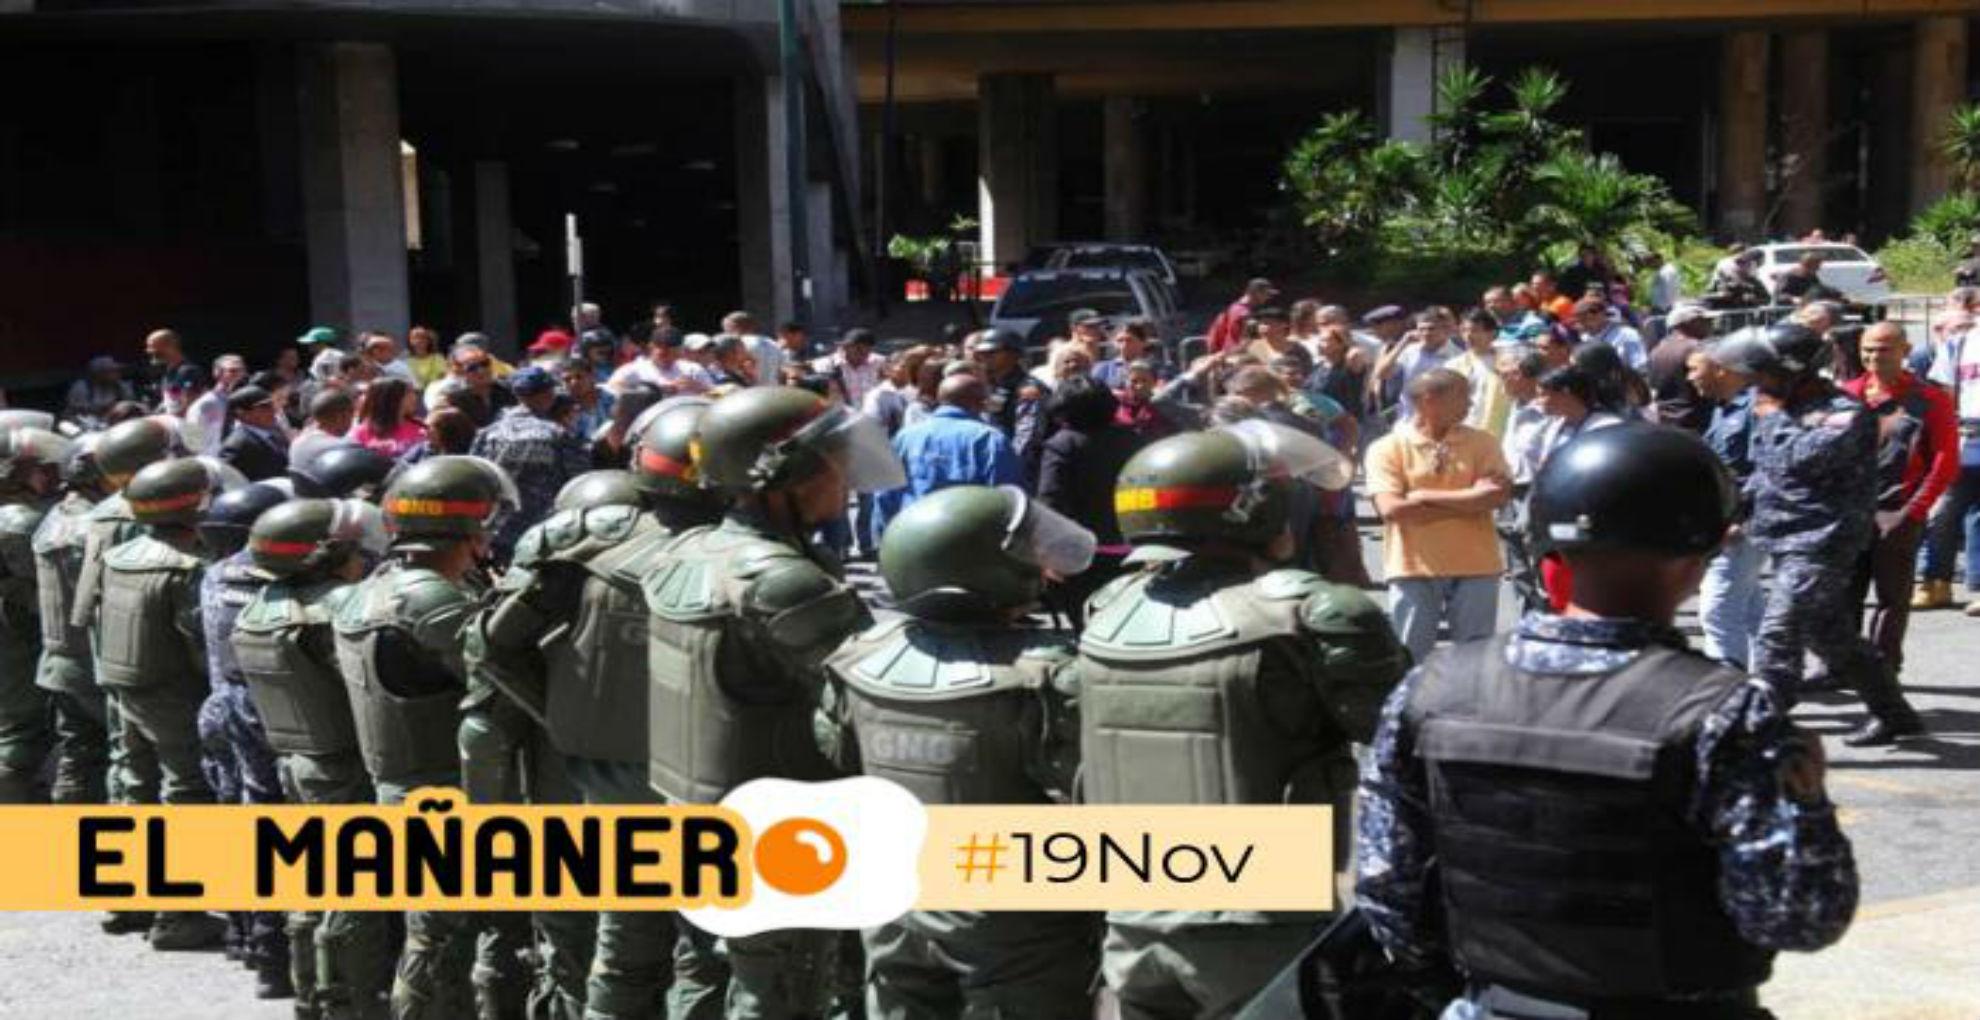 El Mañanero de hoy #19Nov: Las 8 noticias que debes saber